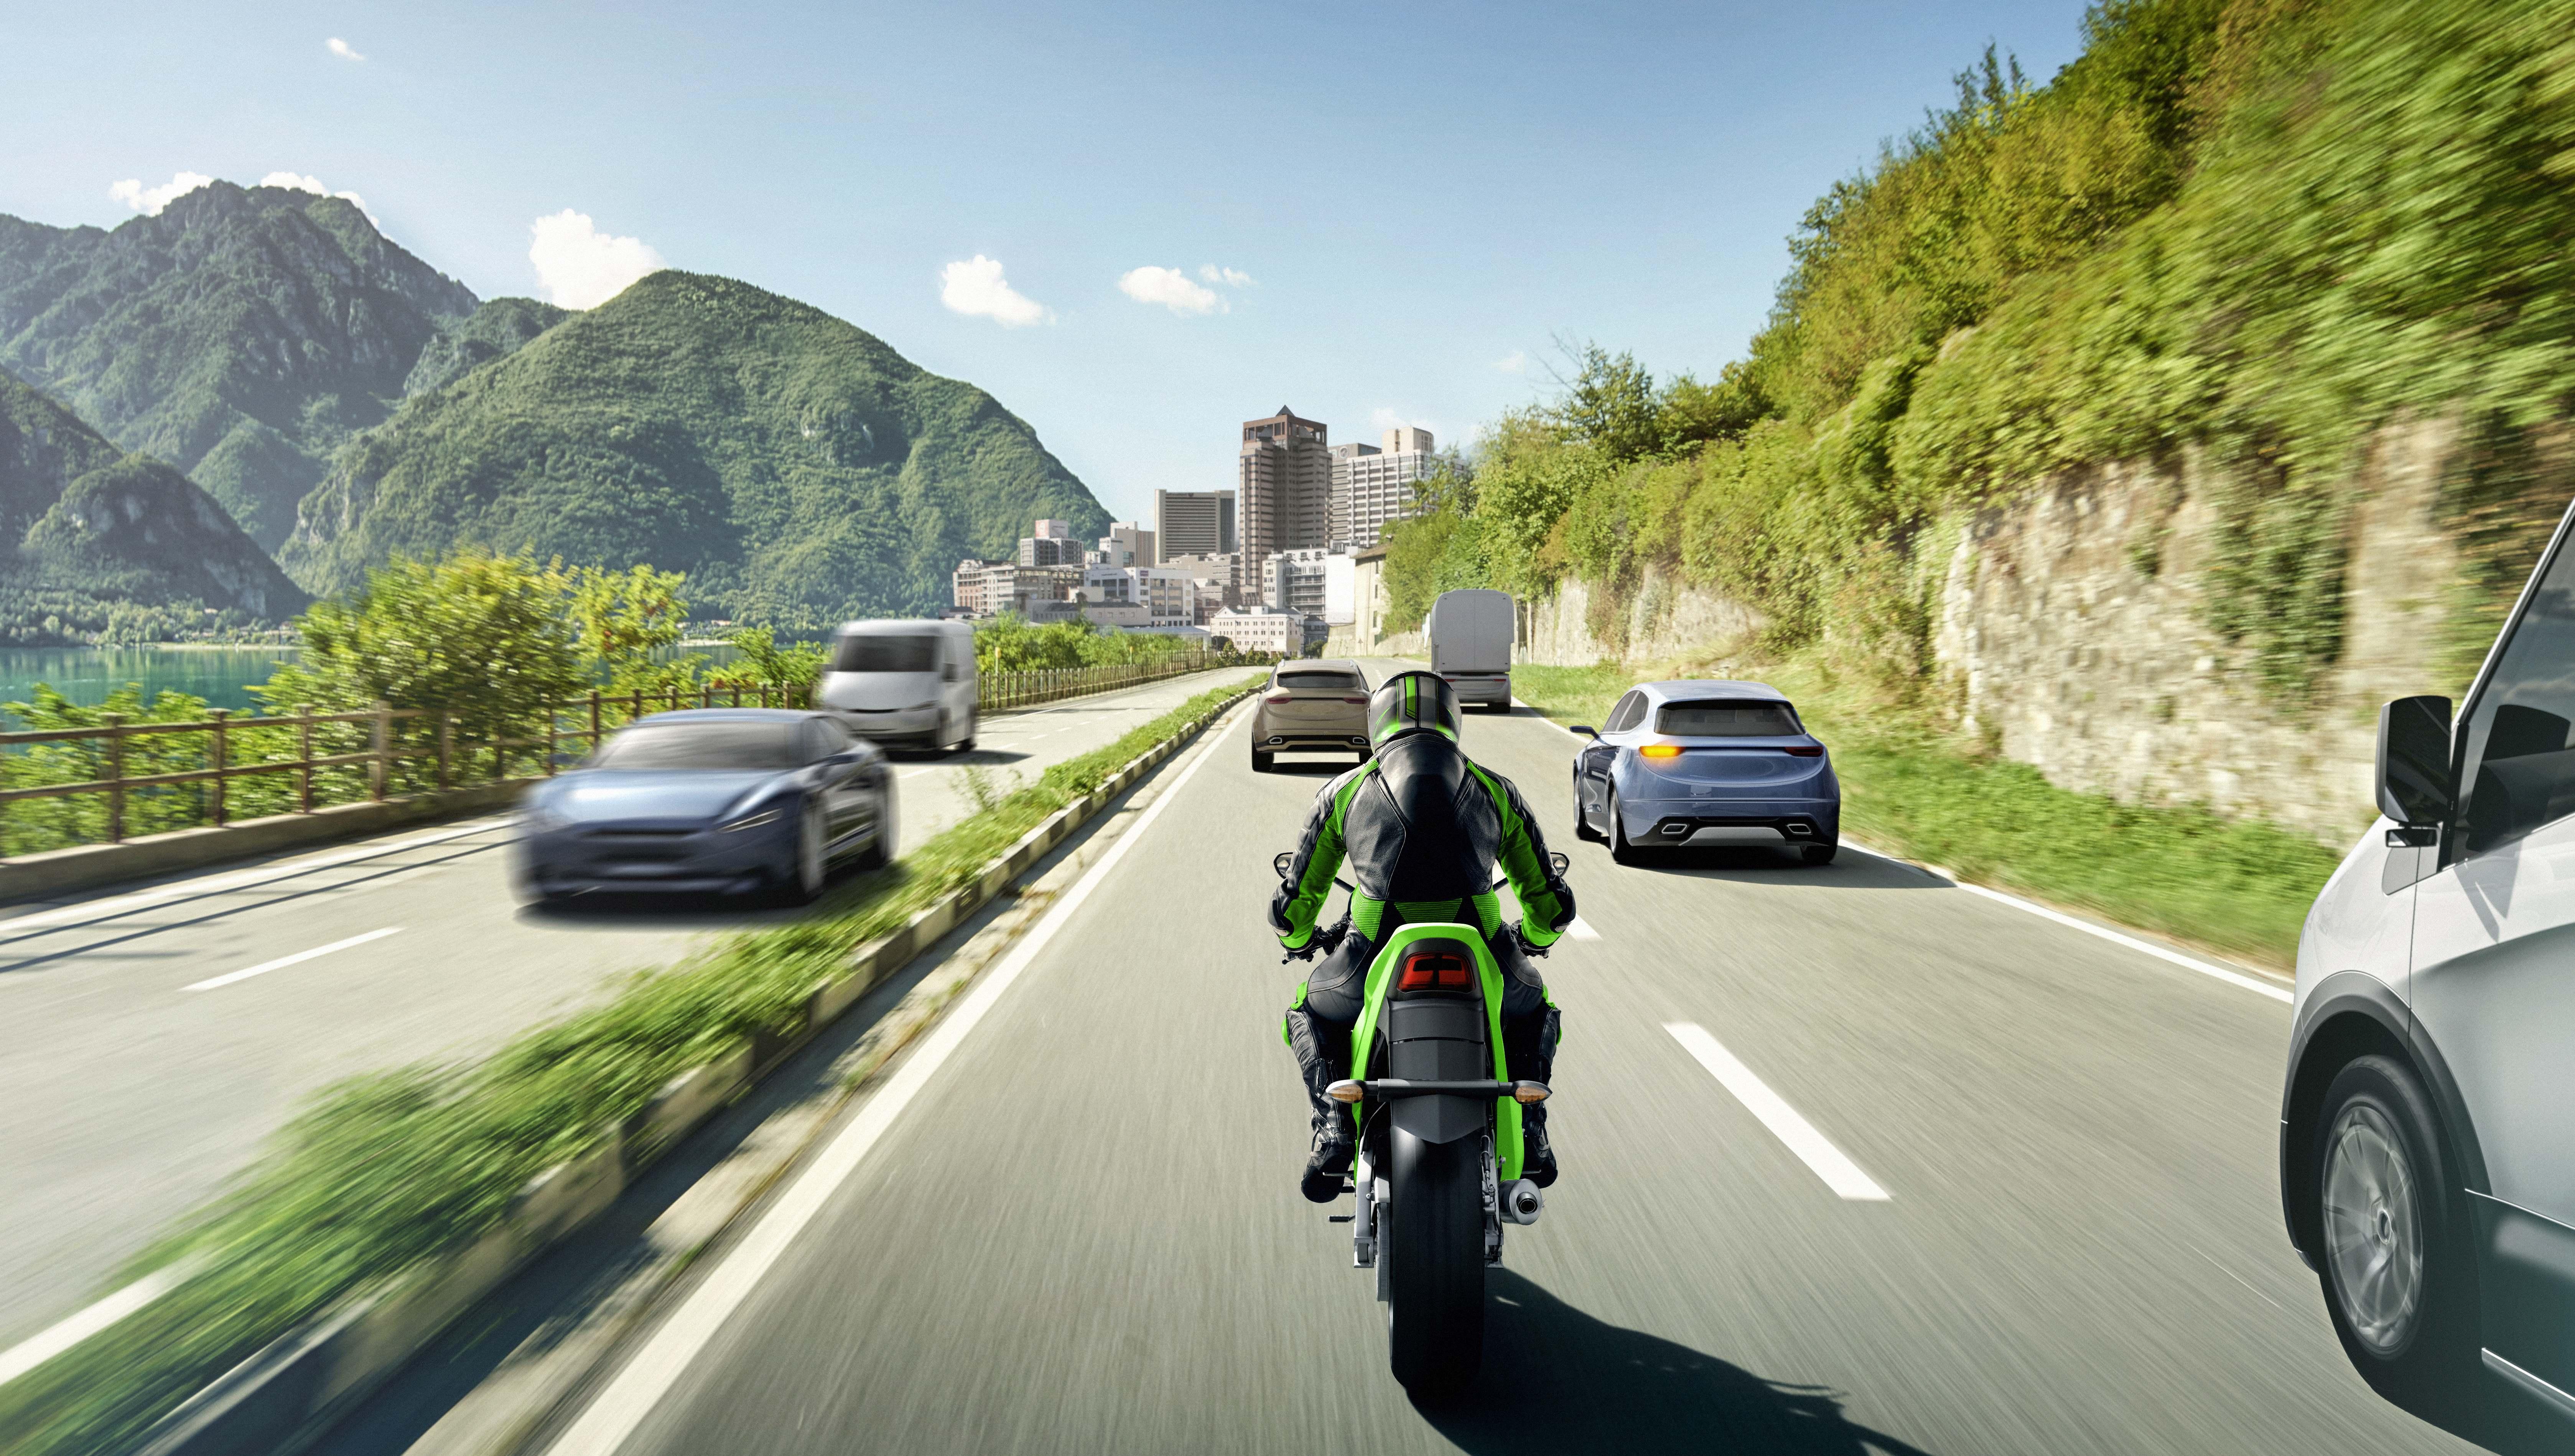 EICMA 2019 Kawasaki primo costruttore giapponese a dotare le proprie moto dei sistemi avanzati di assistenza alla guida di Bosch